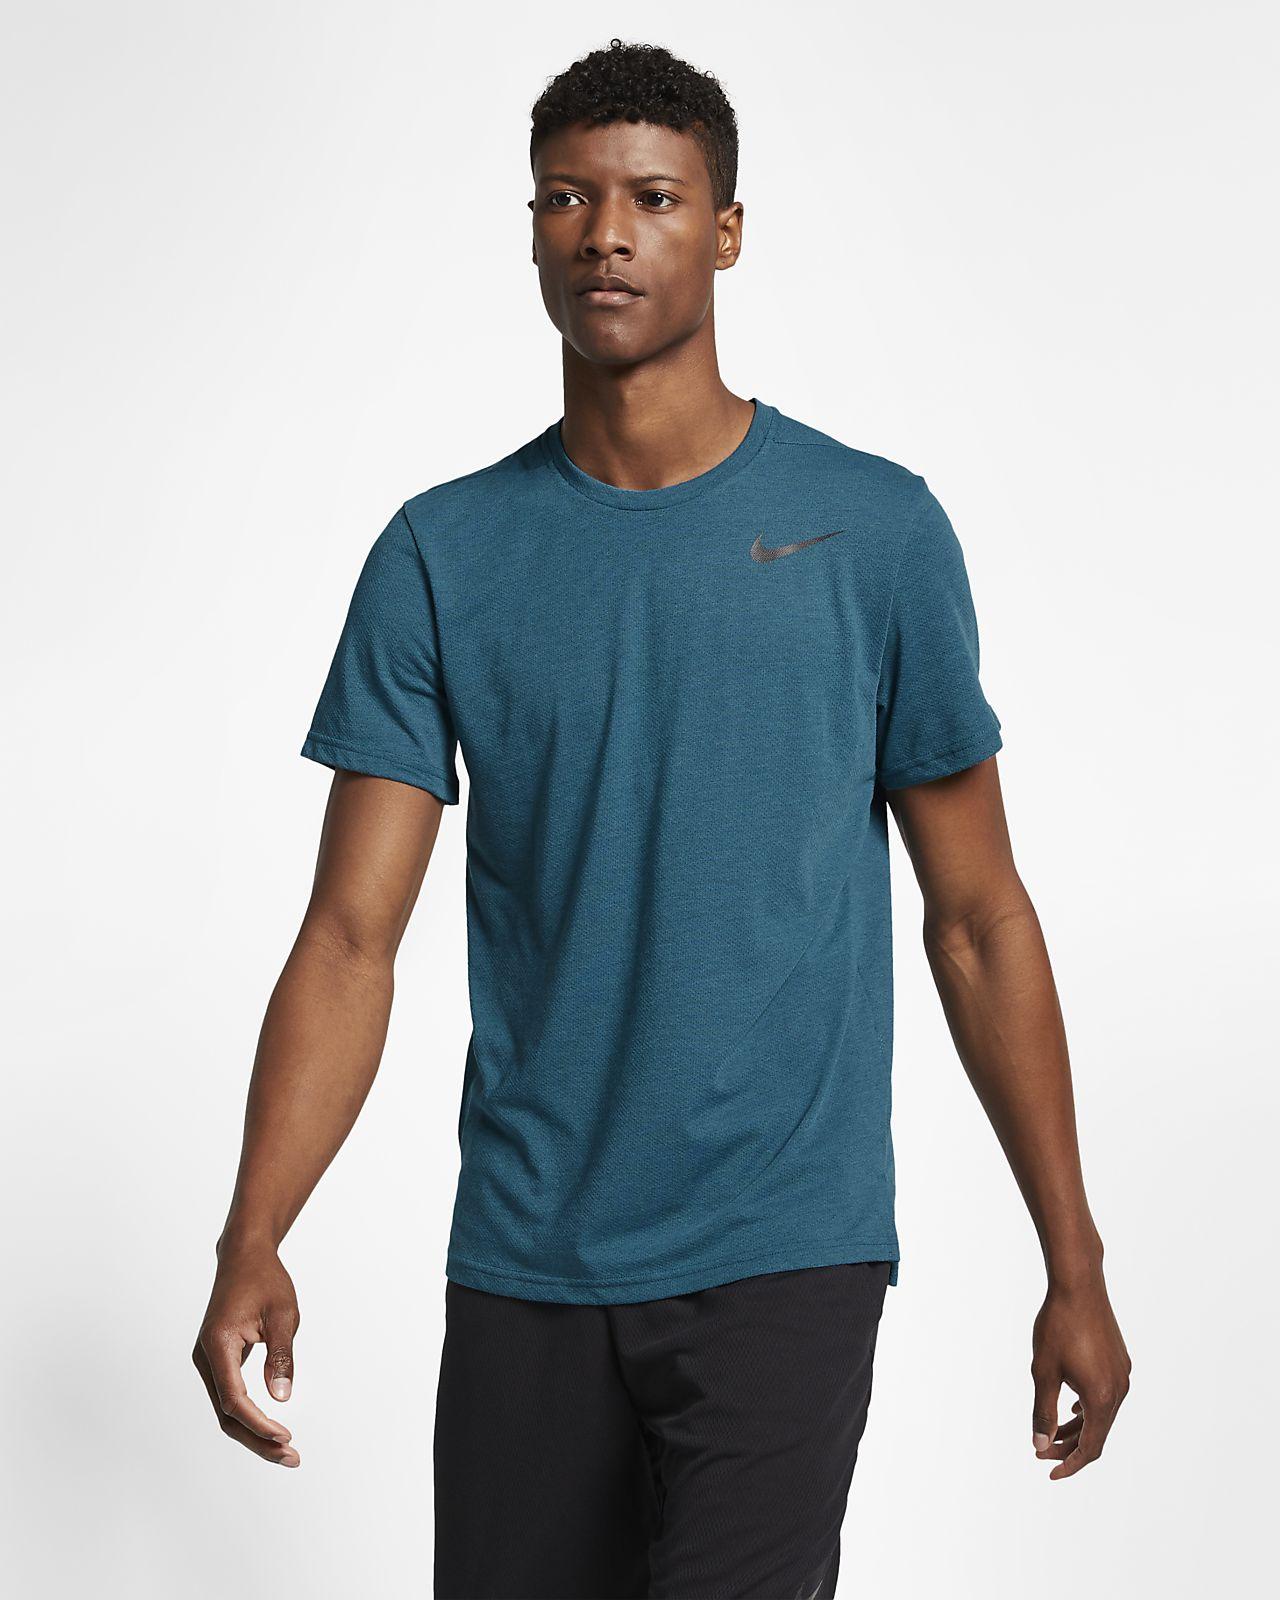 Prenda para la parte superior de entrenamiento de manga corta para hombre Nike Breathe